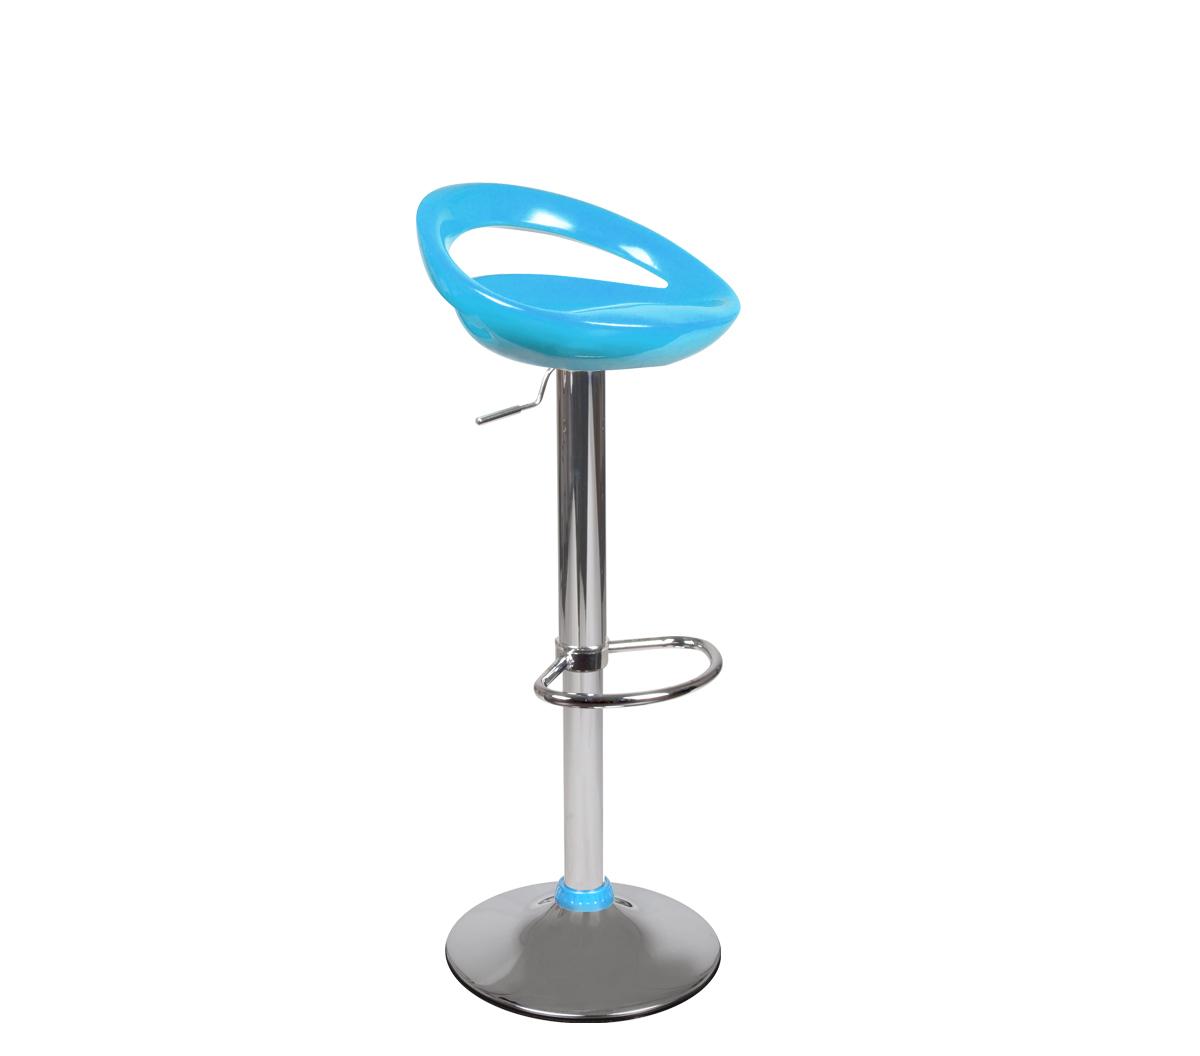 tabouret bar bleu. Black Bedroom Furniture Sets. Home Design Ideas